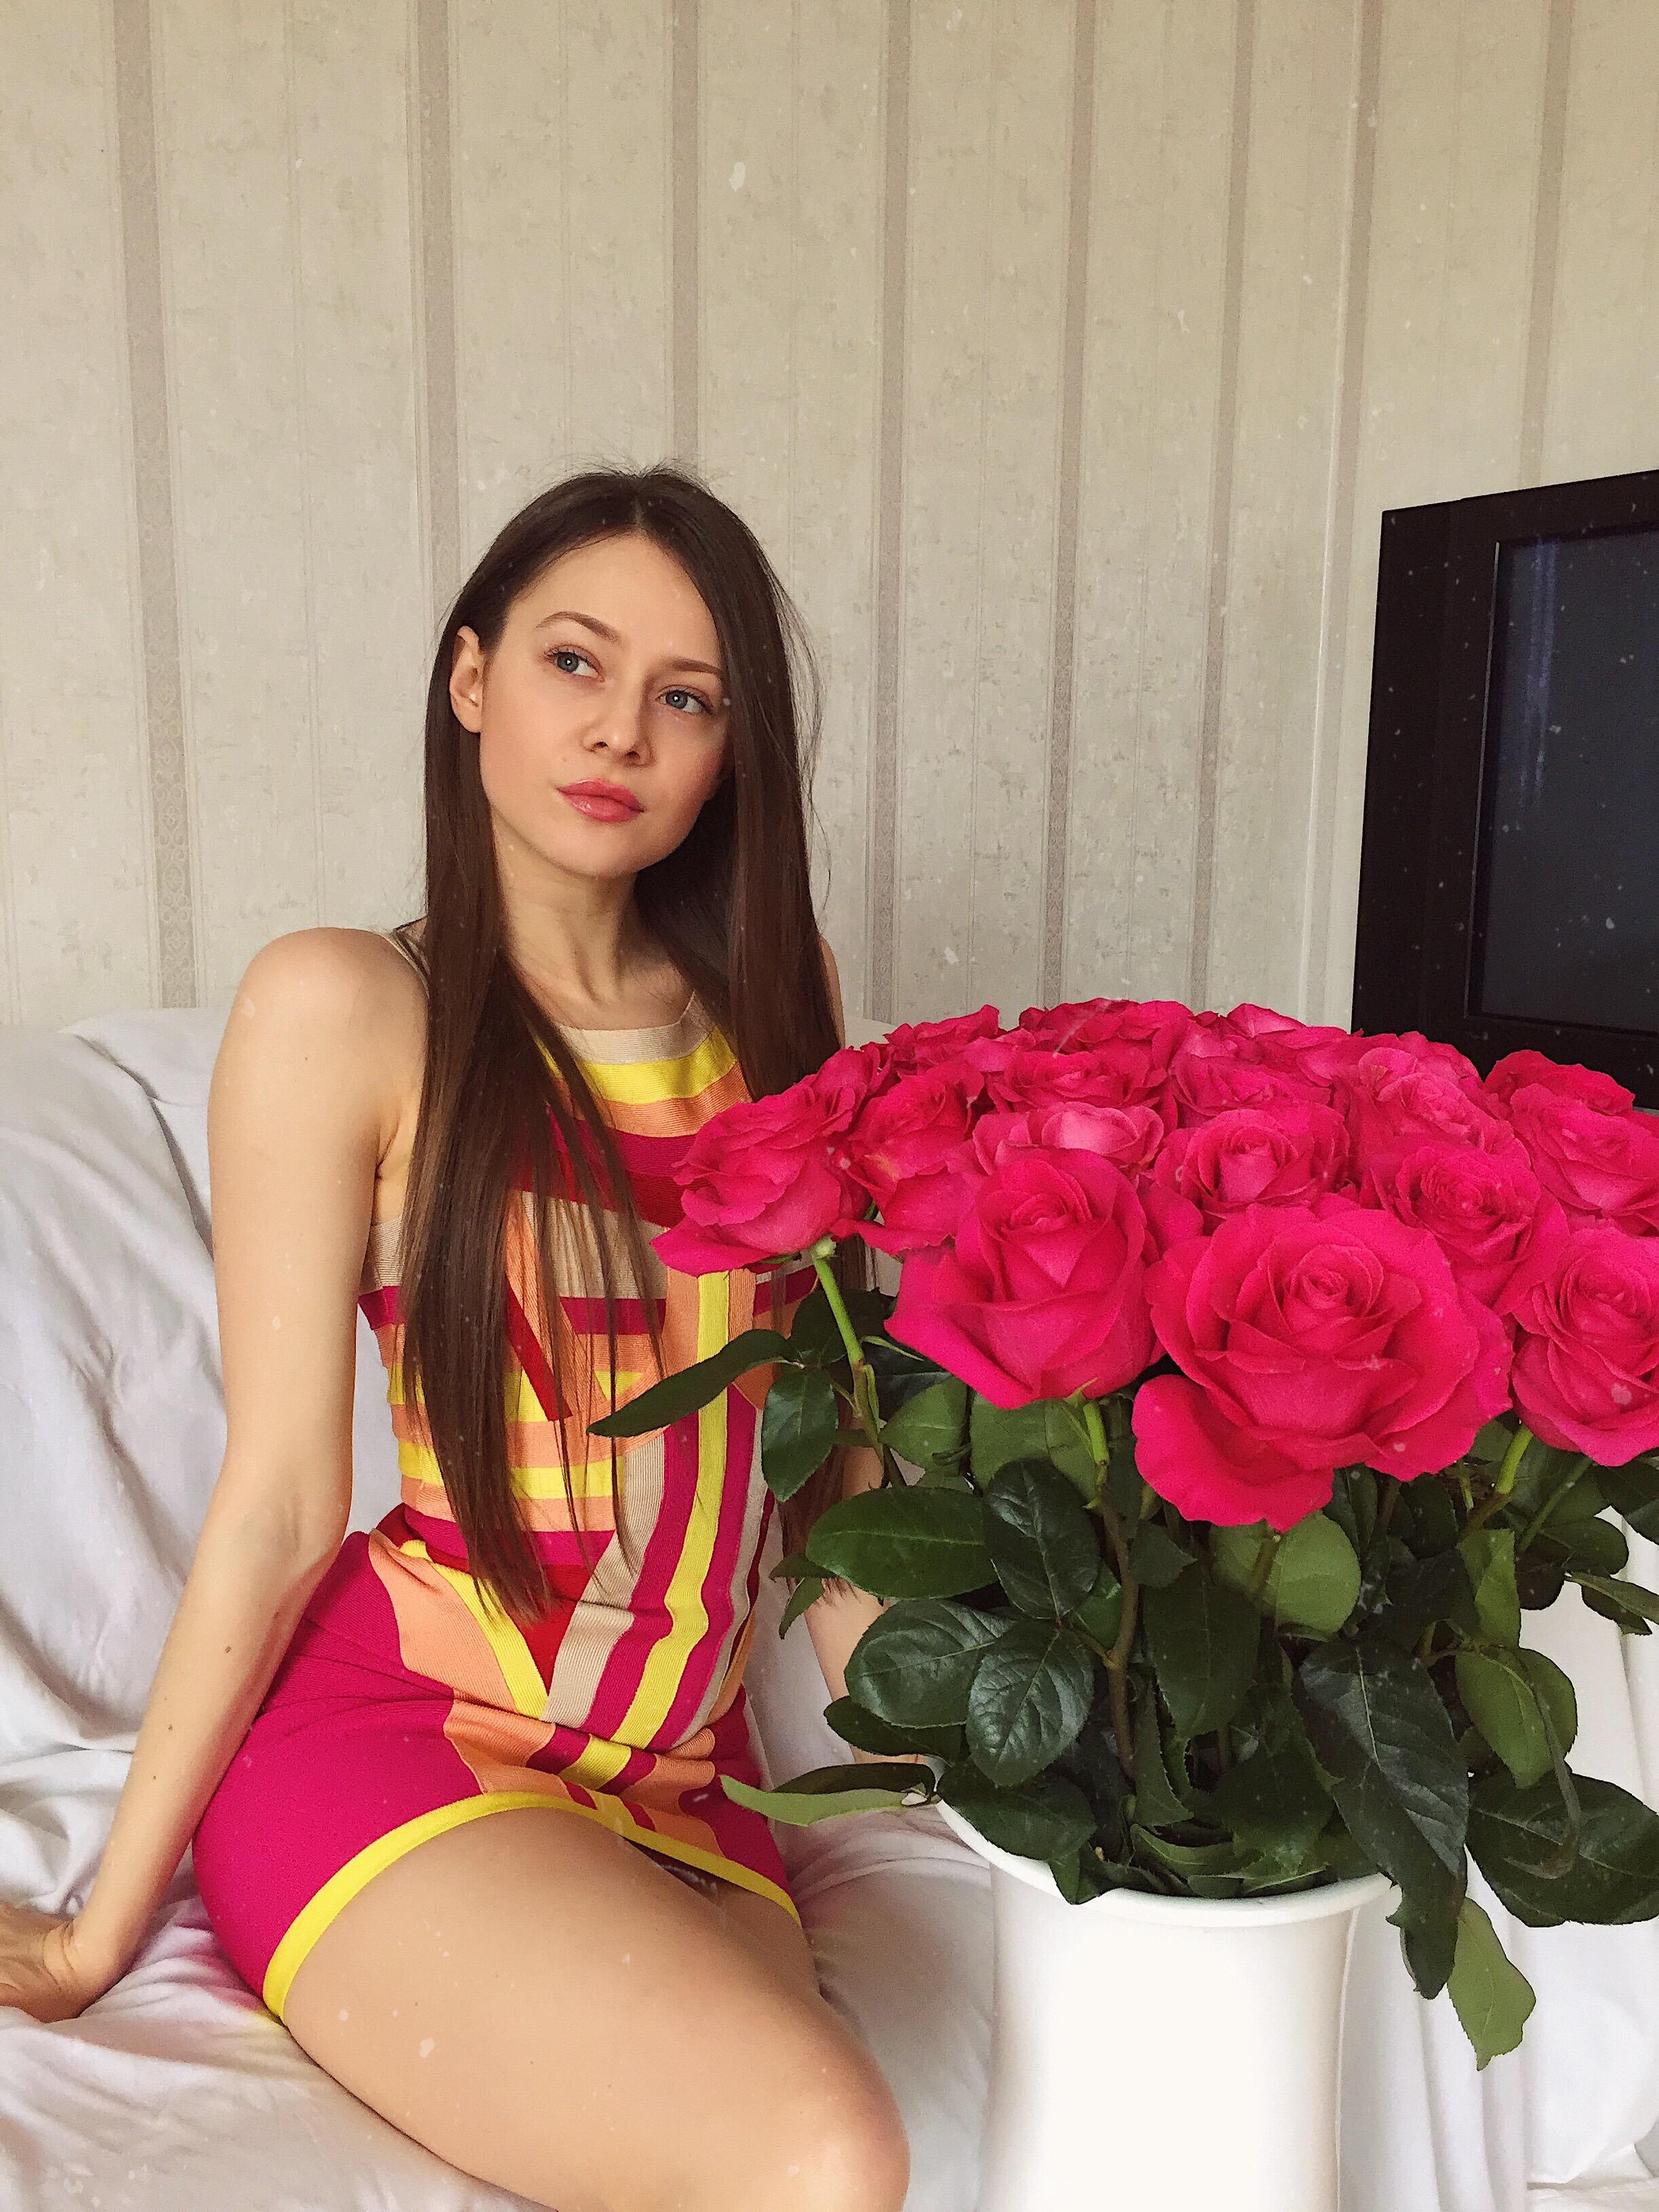 Butt - artist, speaker, blogger Tanya She 1